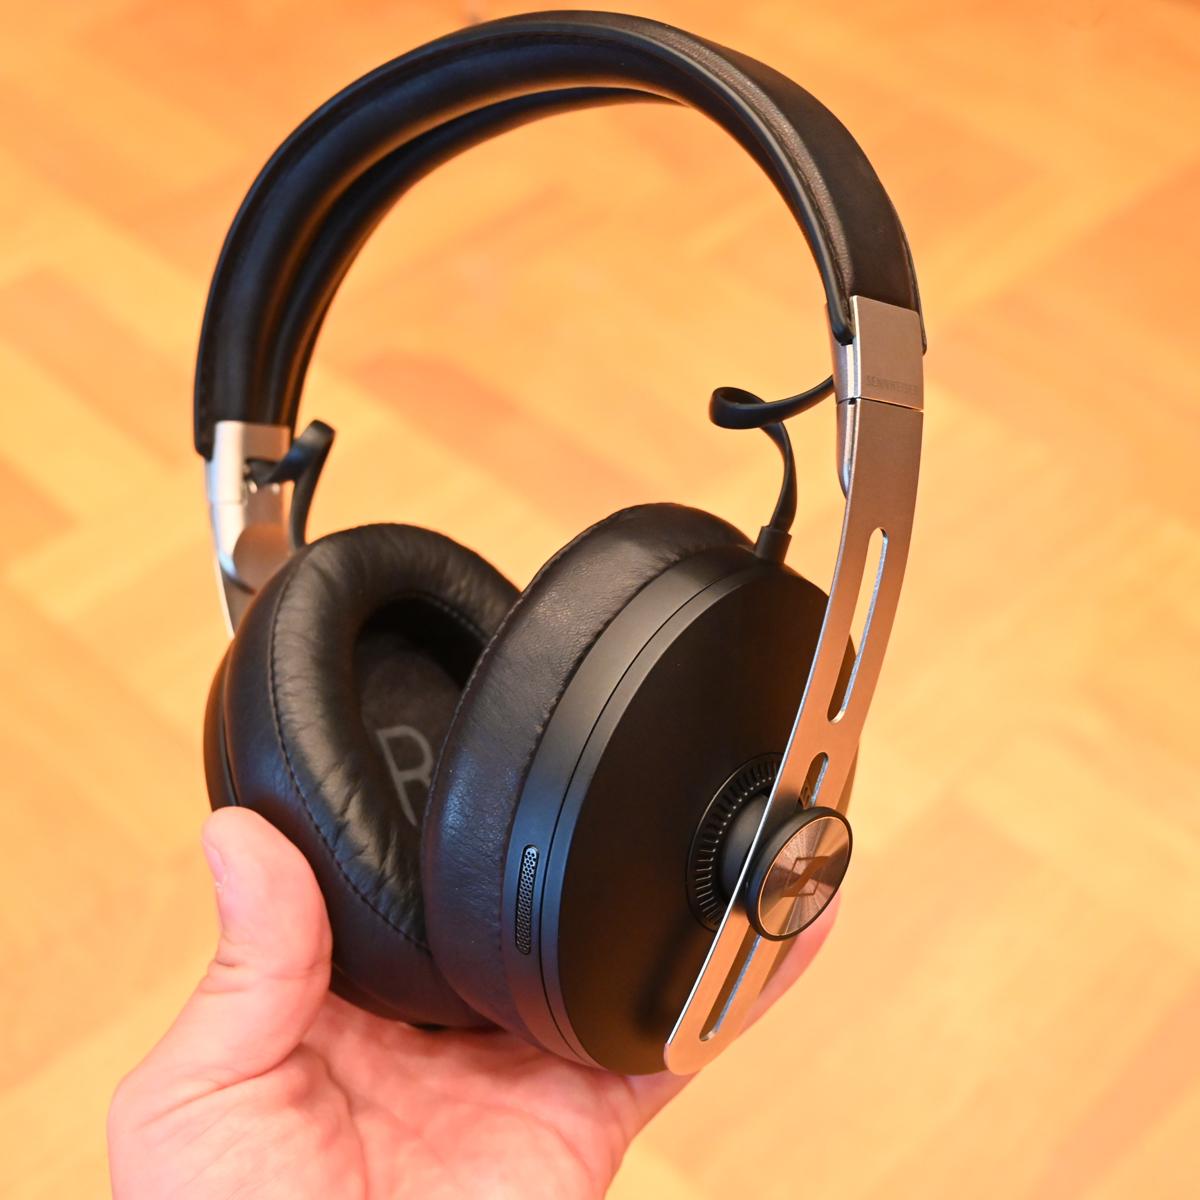 ゼンハイザーのノイキャンヘッドホン「MOMENTUM Wireless」の第3世代モデルがついに登場